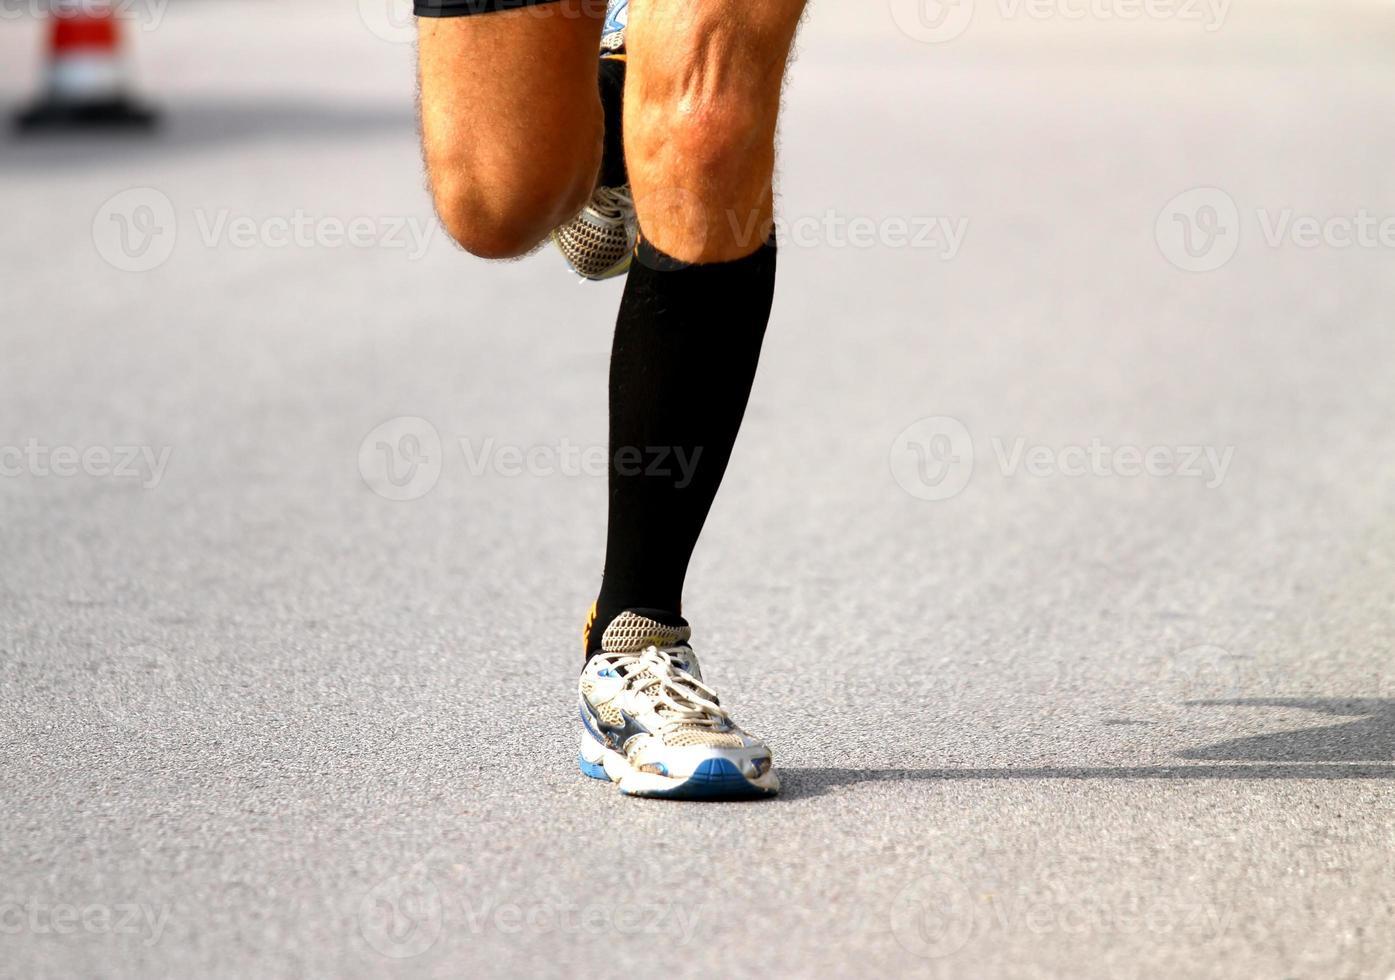 snelle loper met sneakers tijdens de marathon op de weg foto